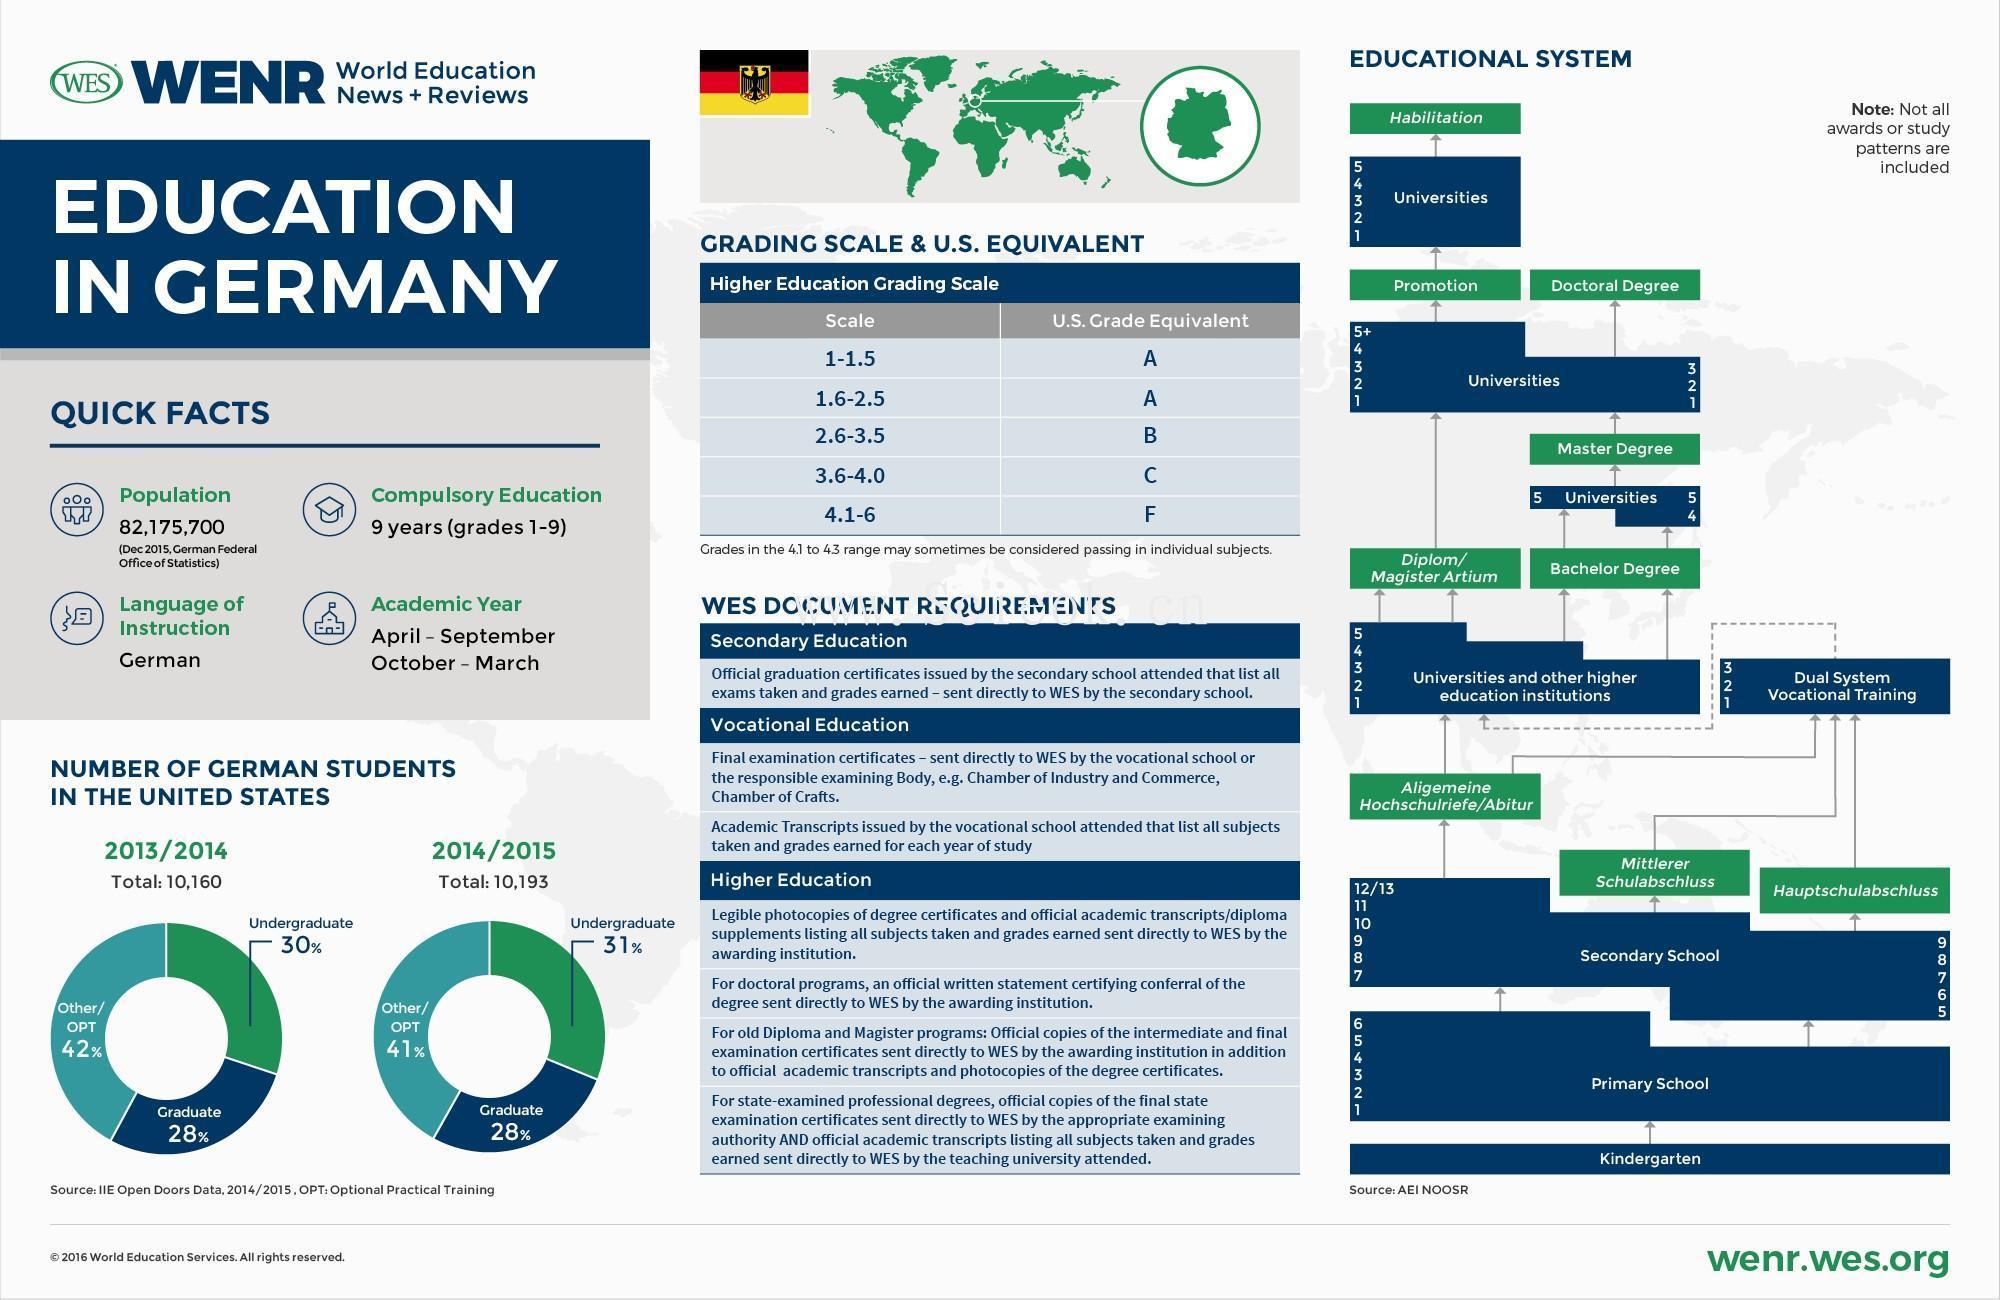 一组教育发达国家的教育体制与数据统计 (中美英德澳加荷韩阿联酋)  数据 第6张